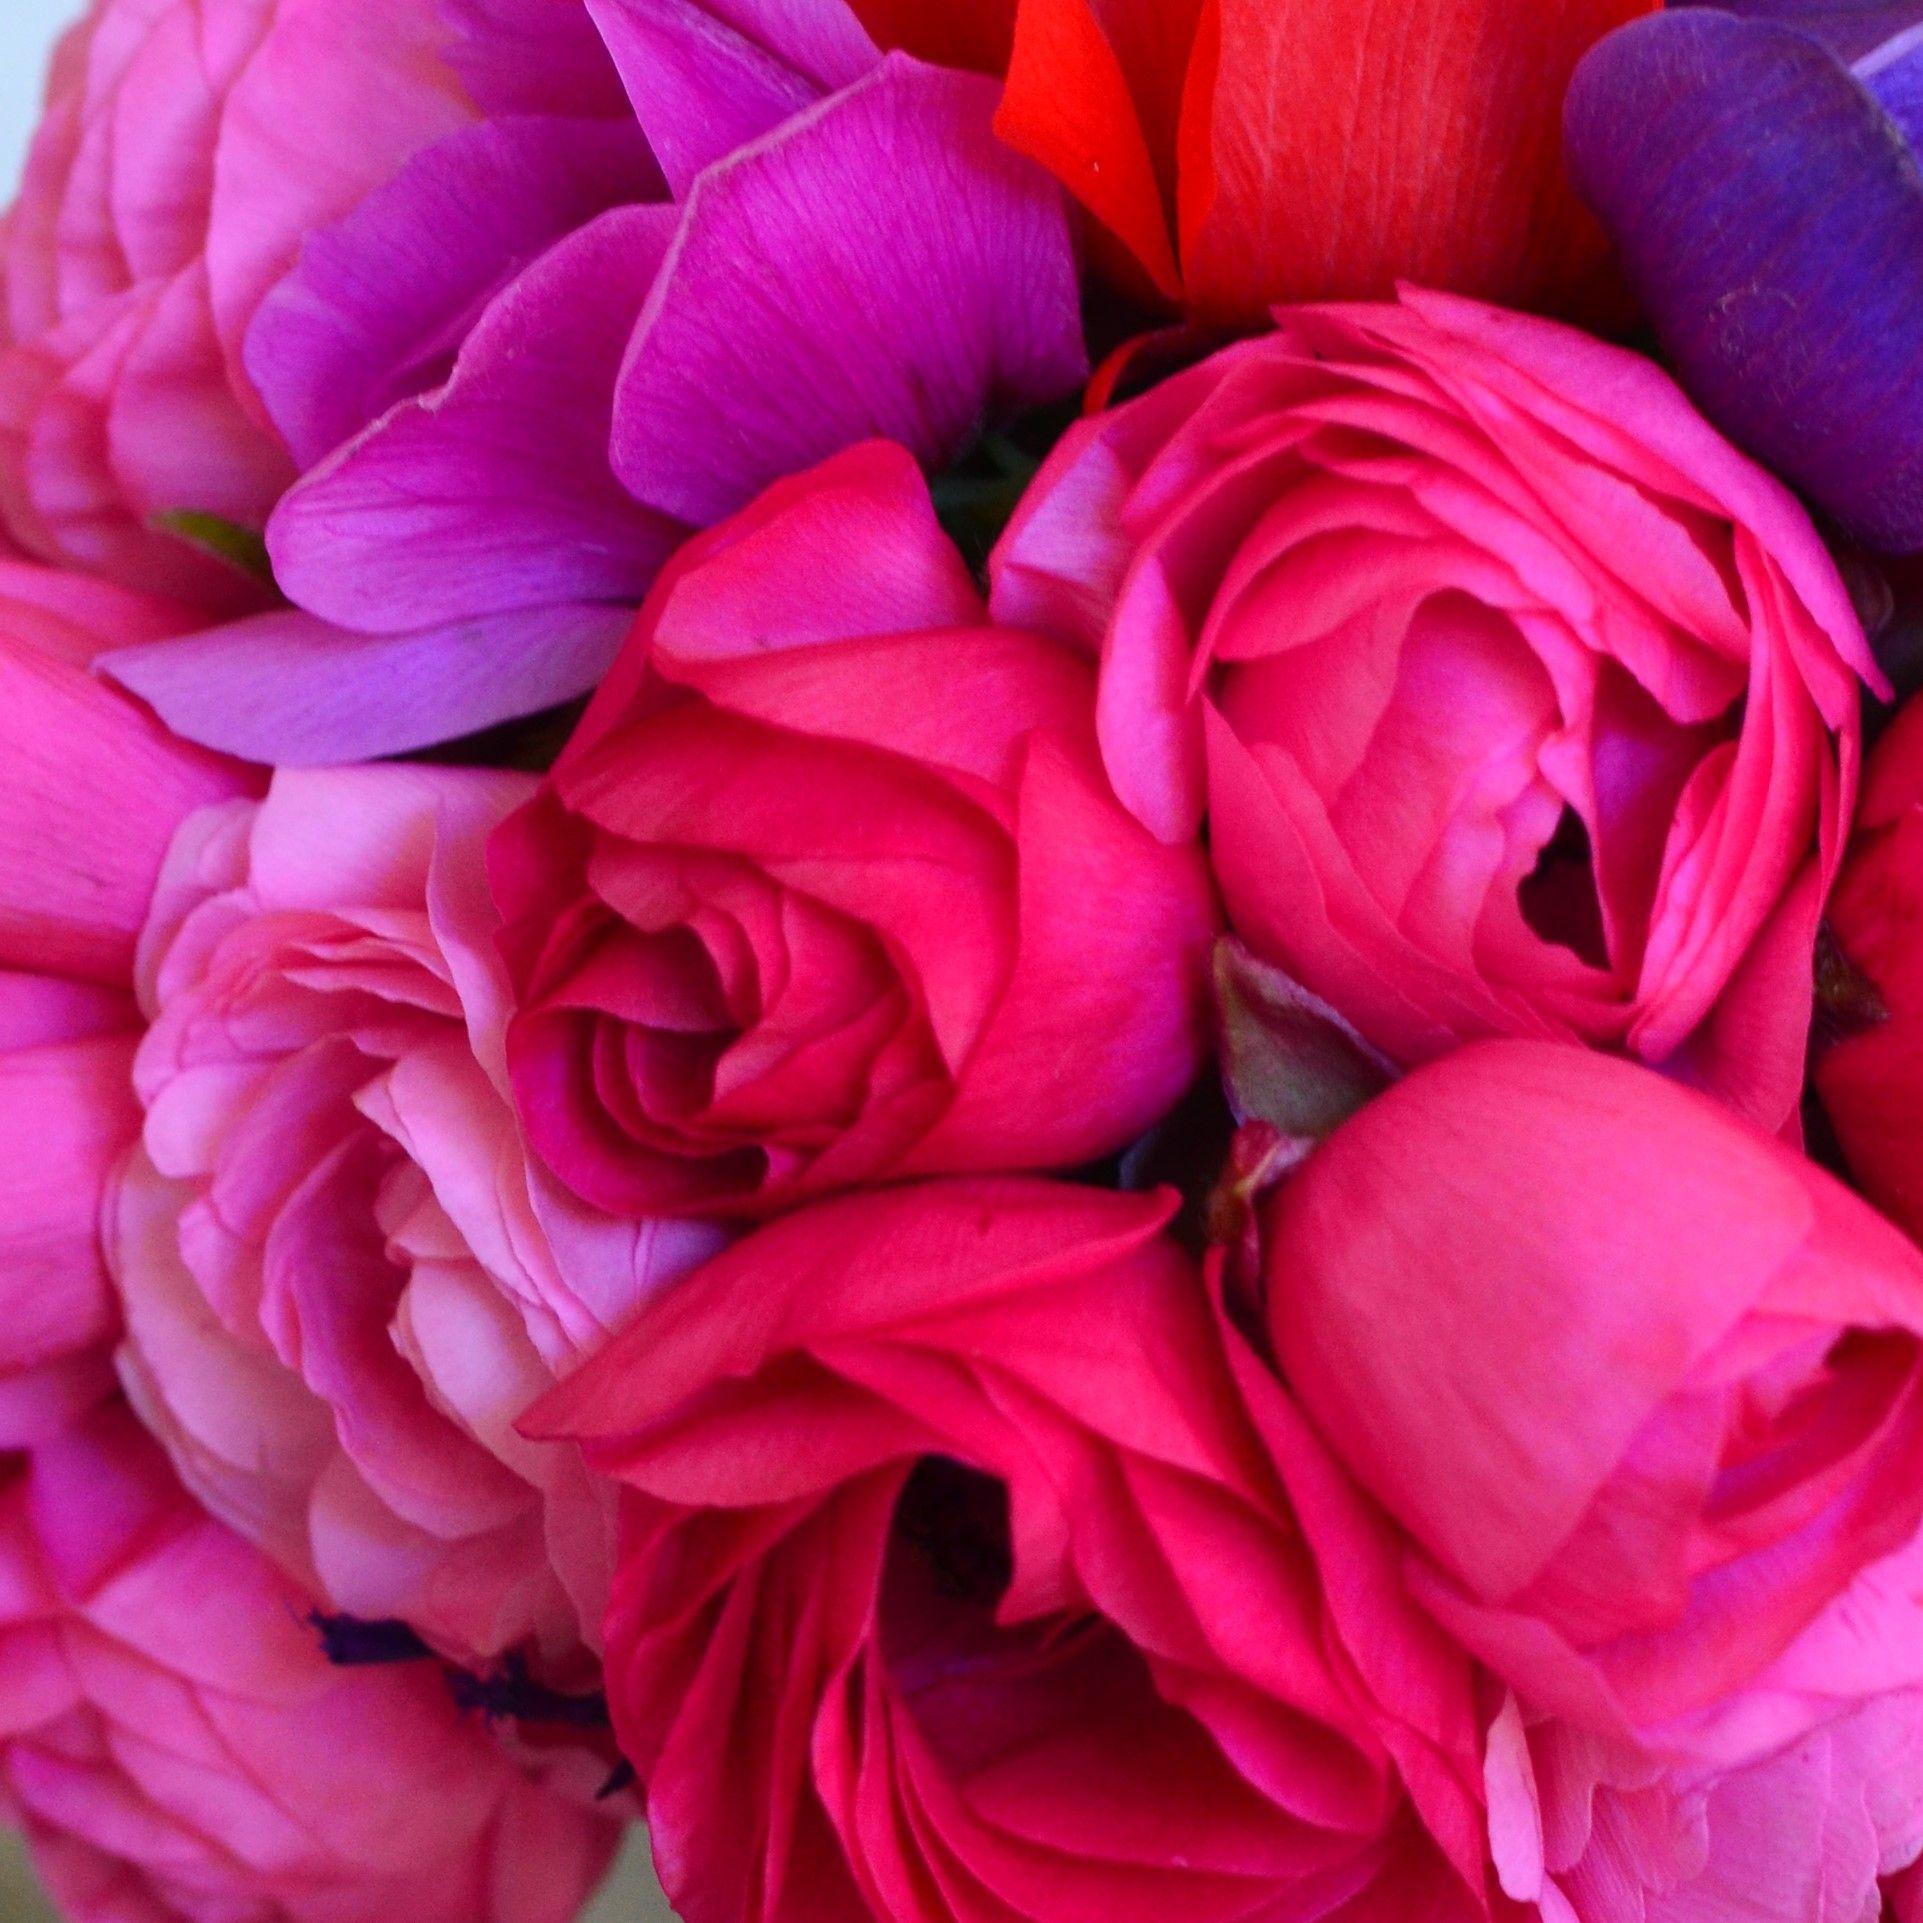 Bloom Room - Bespoke Floral Design. www.bloomroom.co.uk